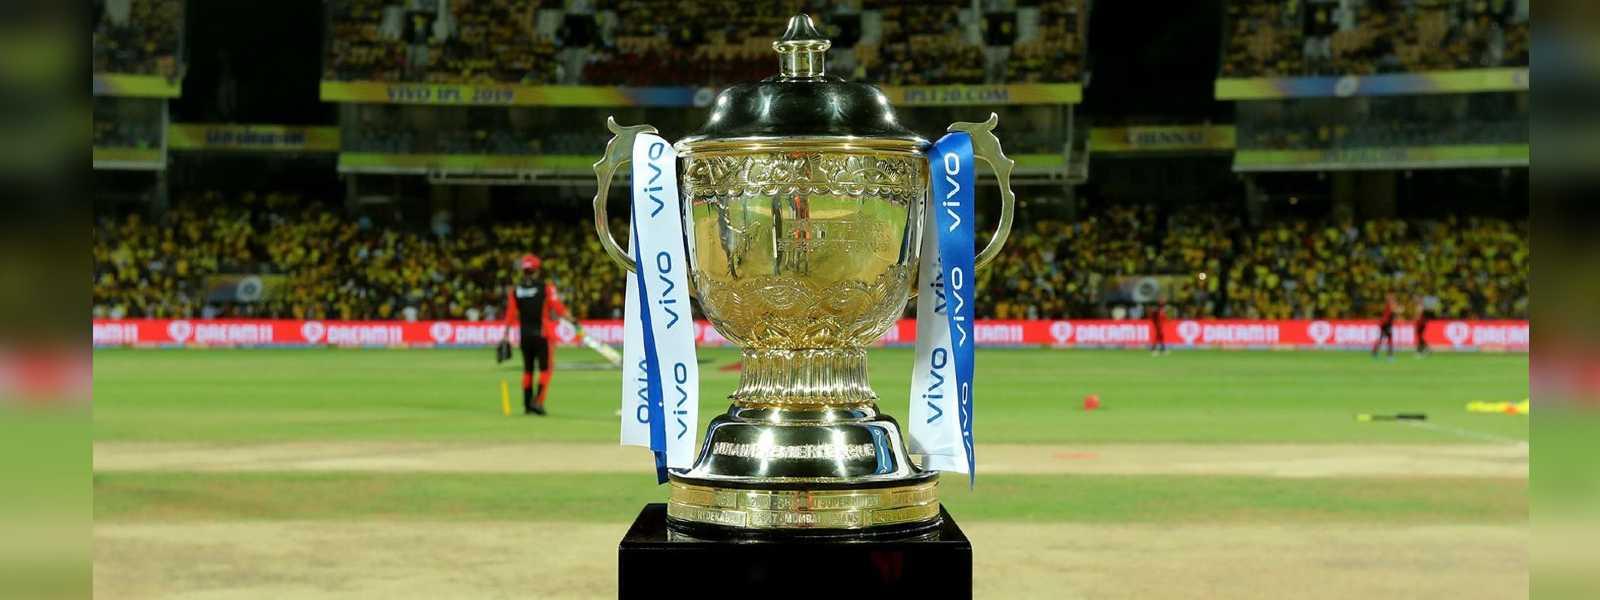 IPL තරගාවලිය නැවත දැනුම් දෙනතුරු අත්හිටුවයි